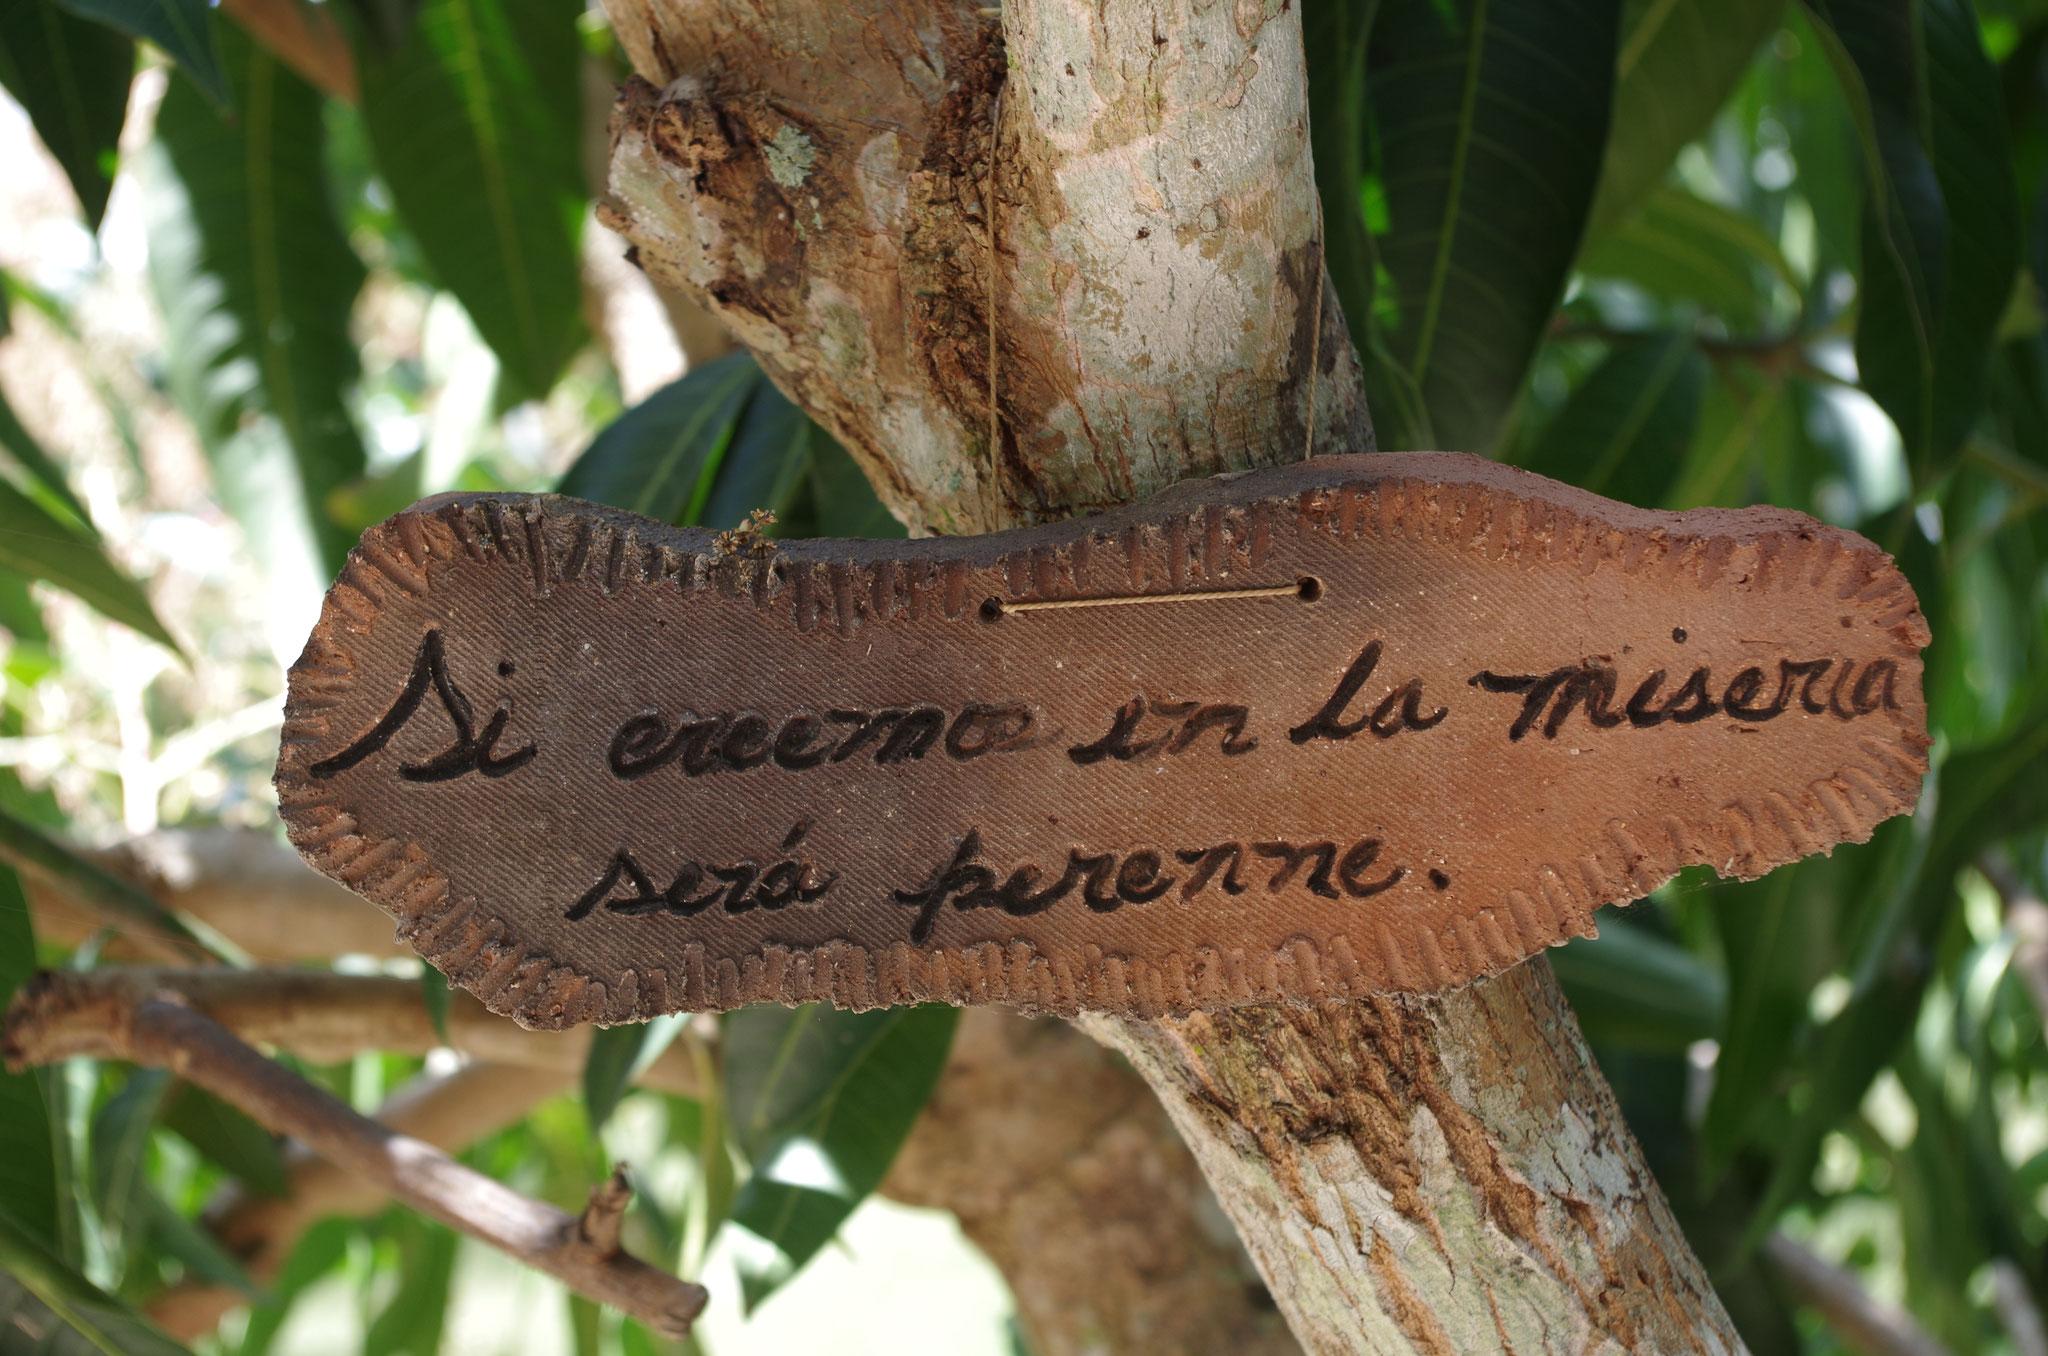 Les arbres fruitiers sont accompagnés des citations favorites du créateur des lieux